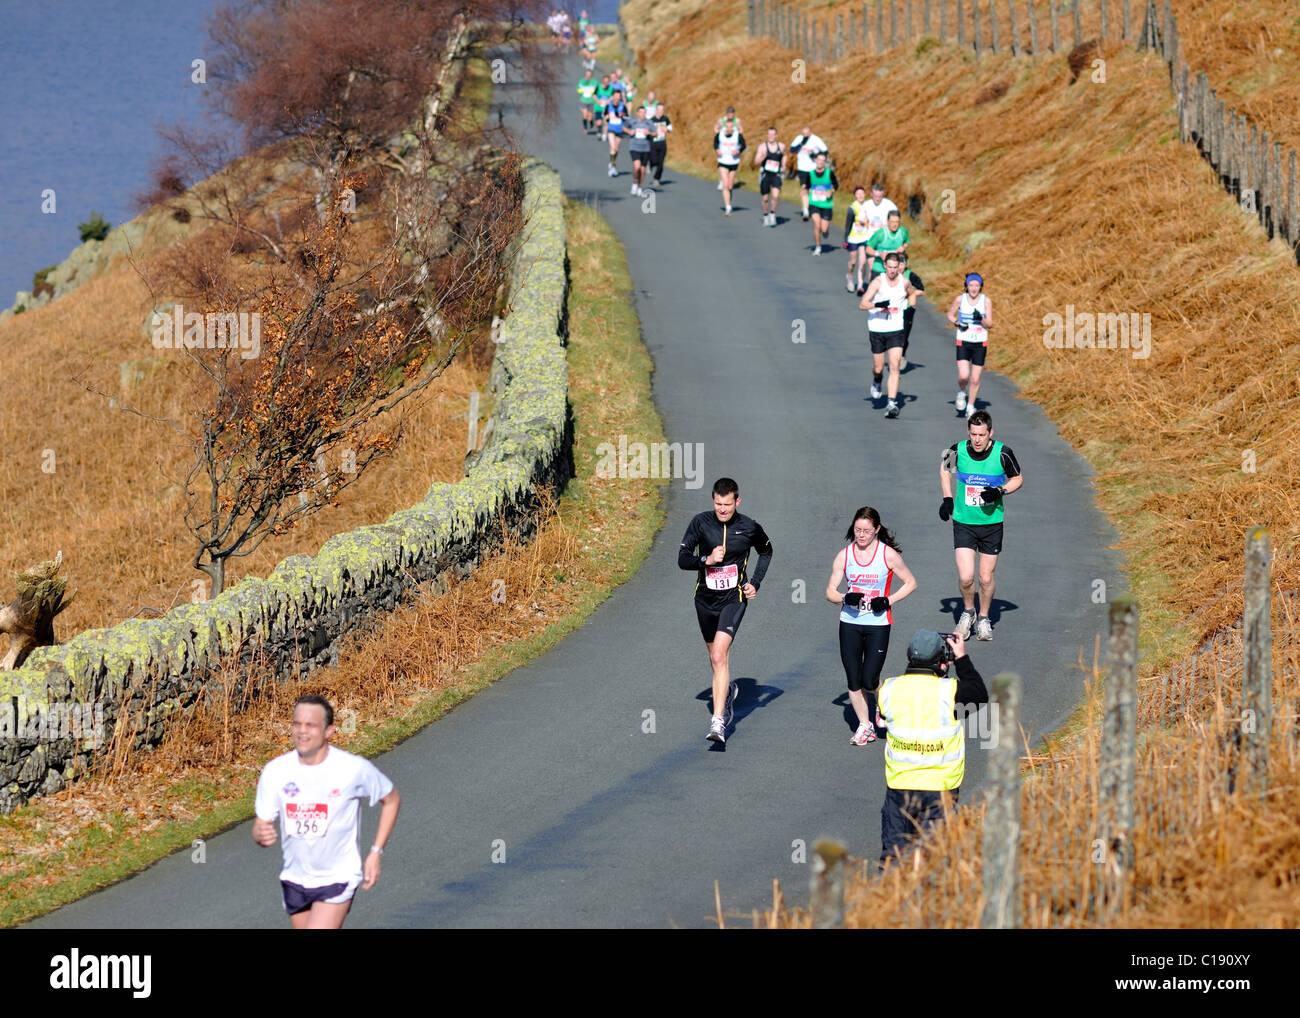 Acquisizione delle immagini di mezza maratona concorrenti, Scafell, Cumbria, Inghilterra Immagini Stock